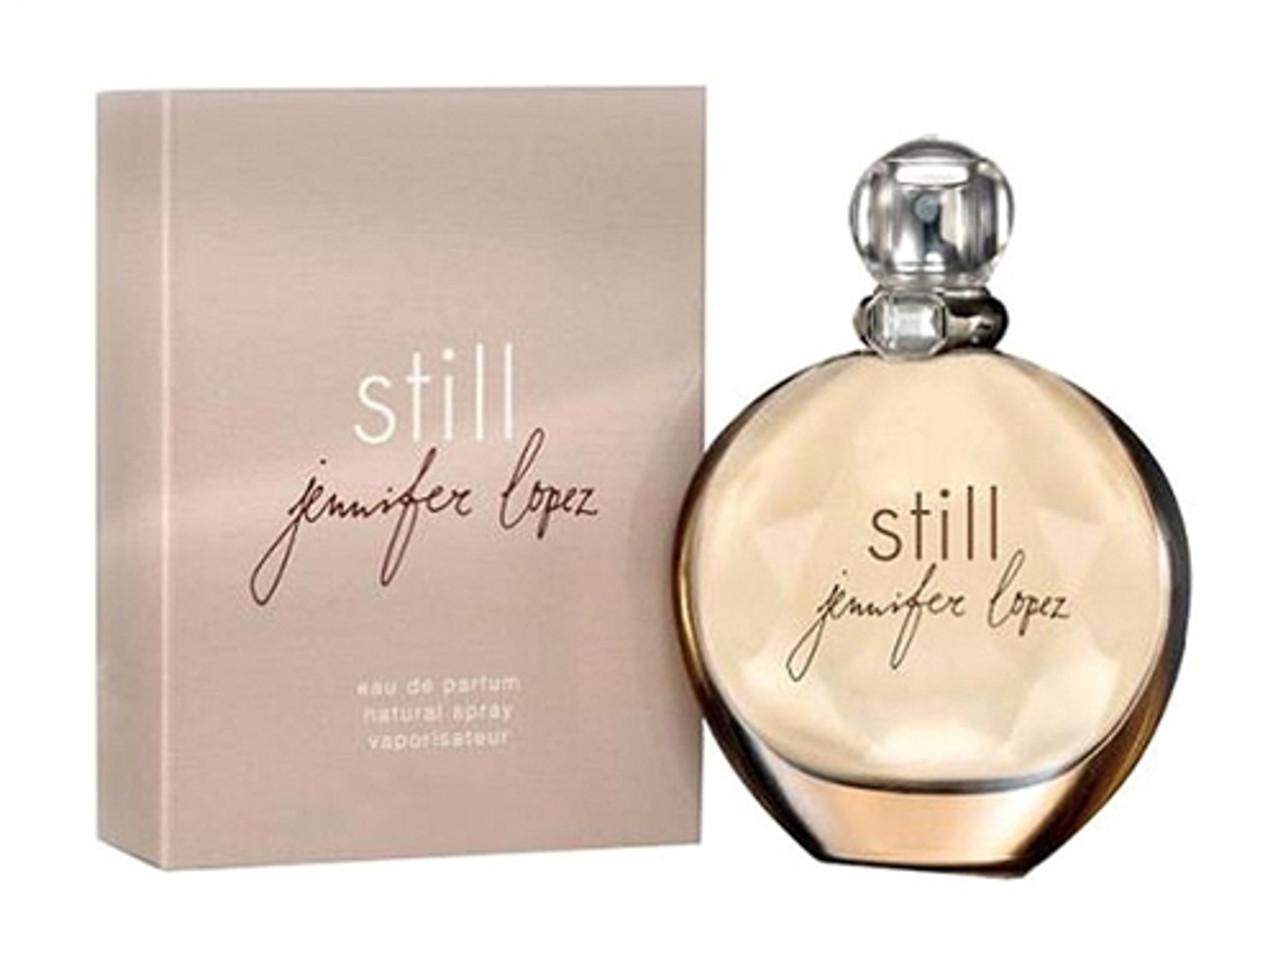 Still Eau de Parfum by Jennifer Lopez - 1.7 OZ